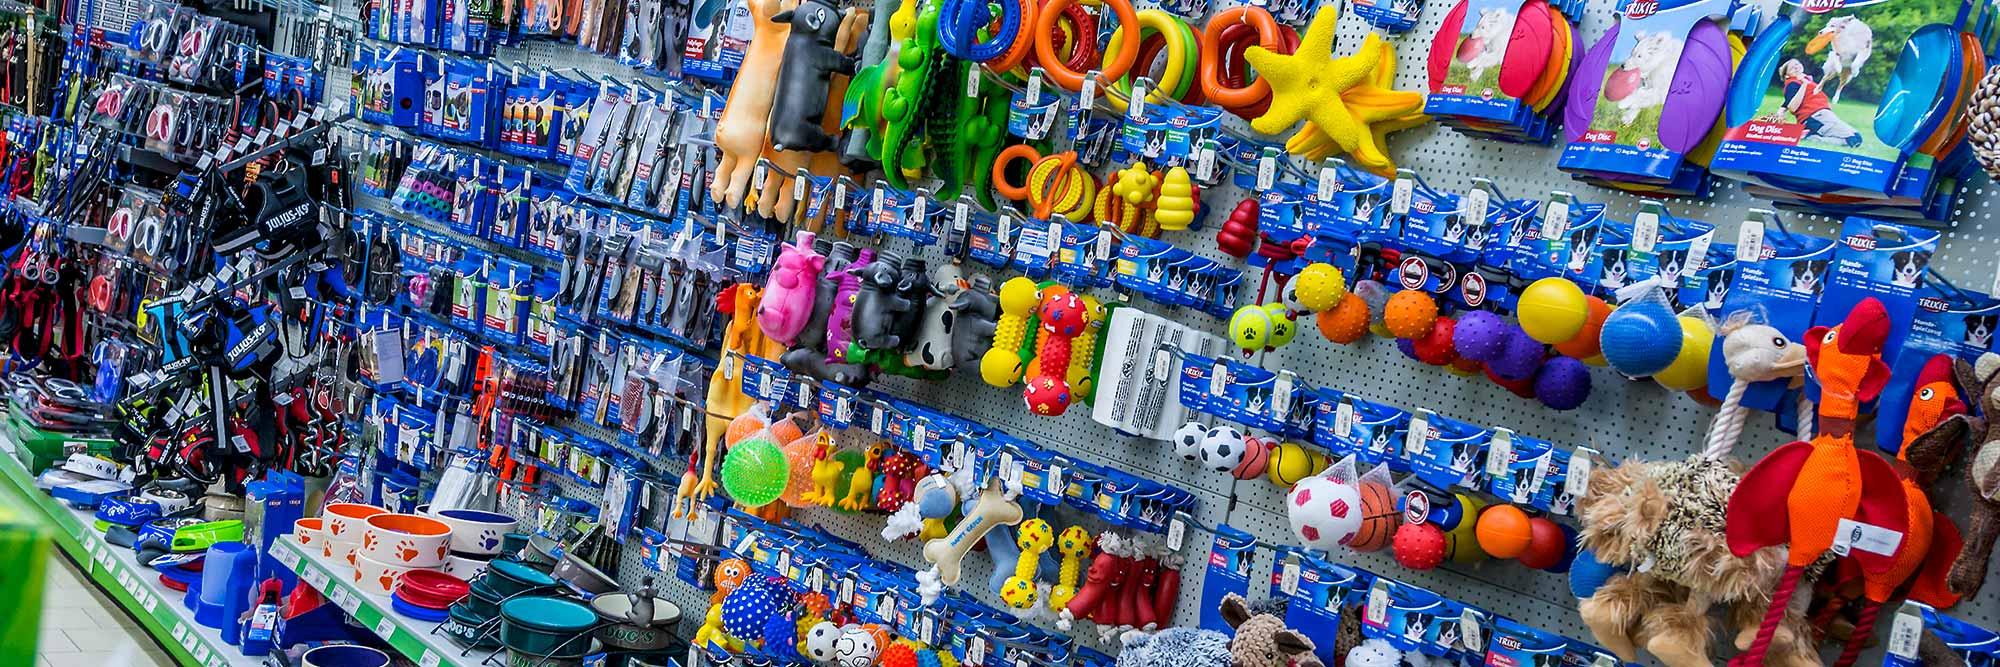 Raiffeisen Markt Rinkerode Spielzeug Tiere